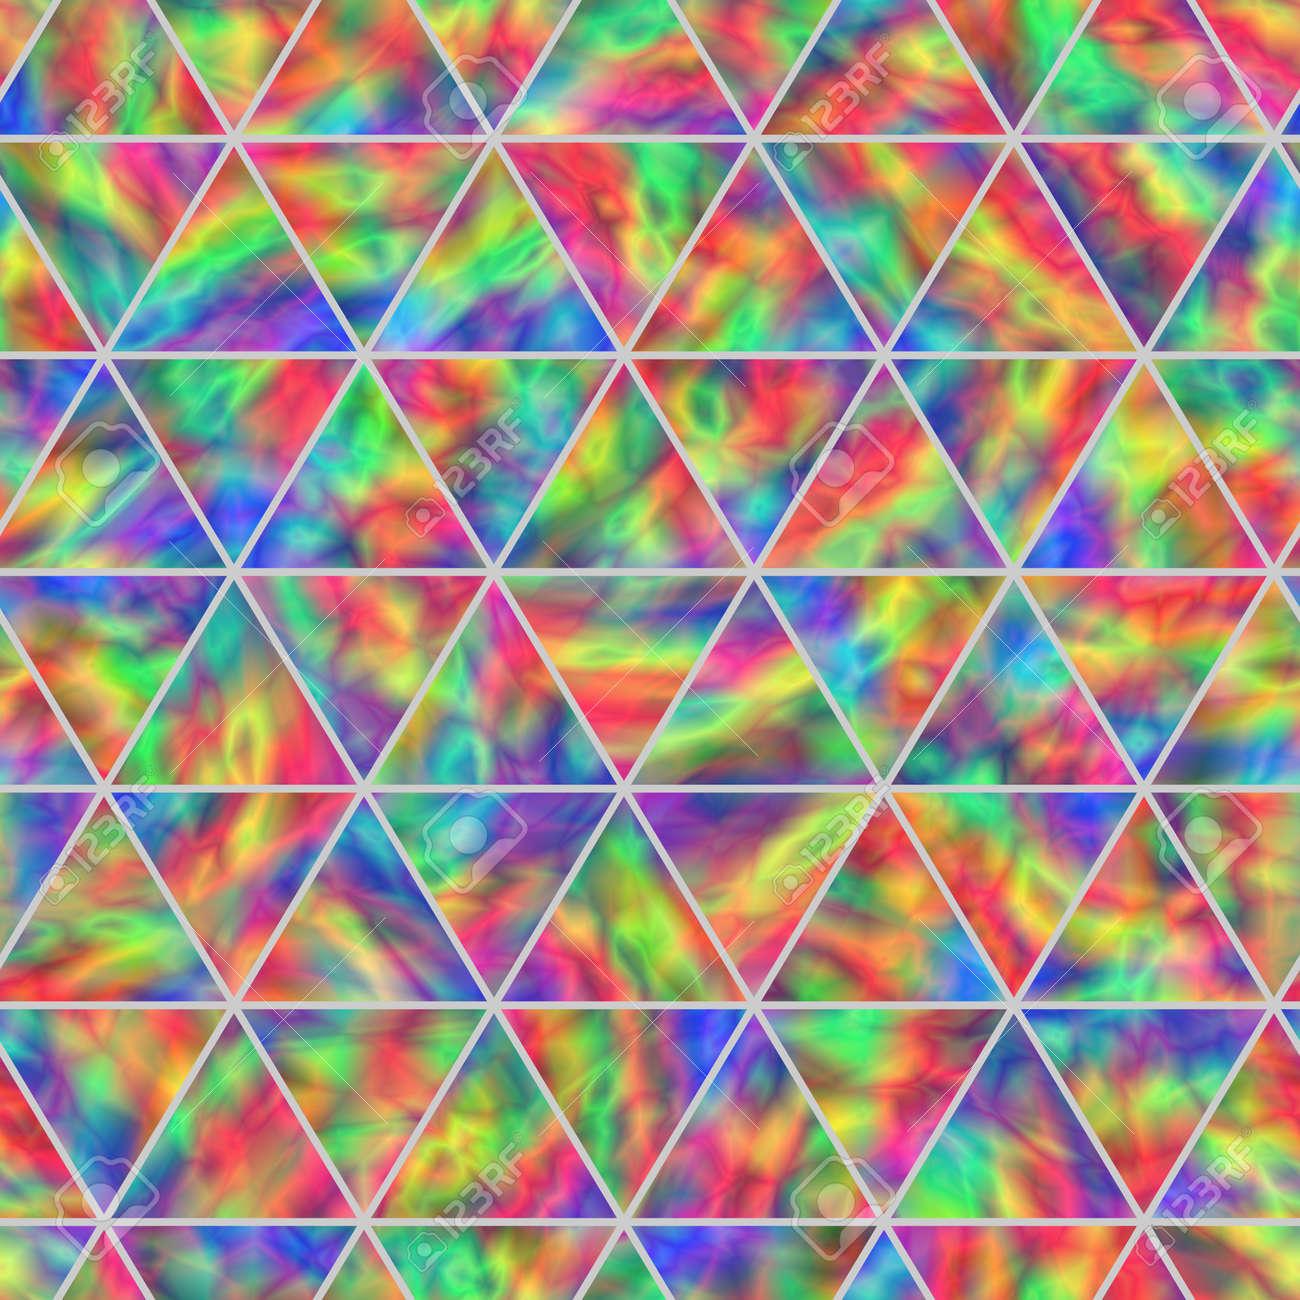 虹色に輝く三角形の創造的なシームレス パターン現実的なホログラム